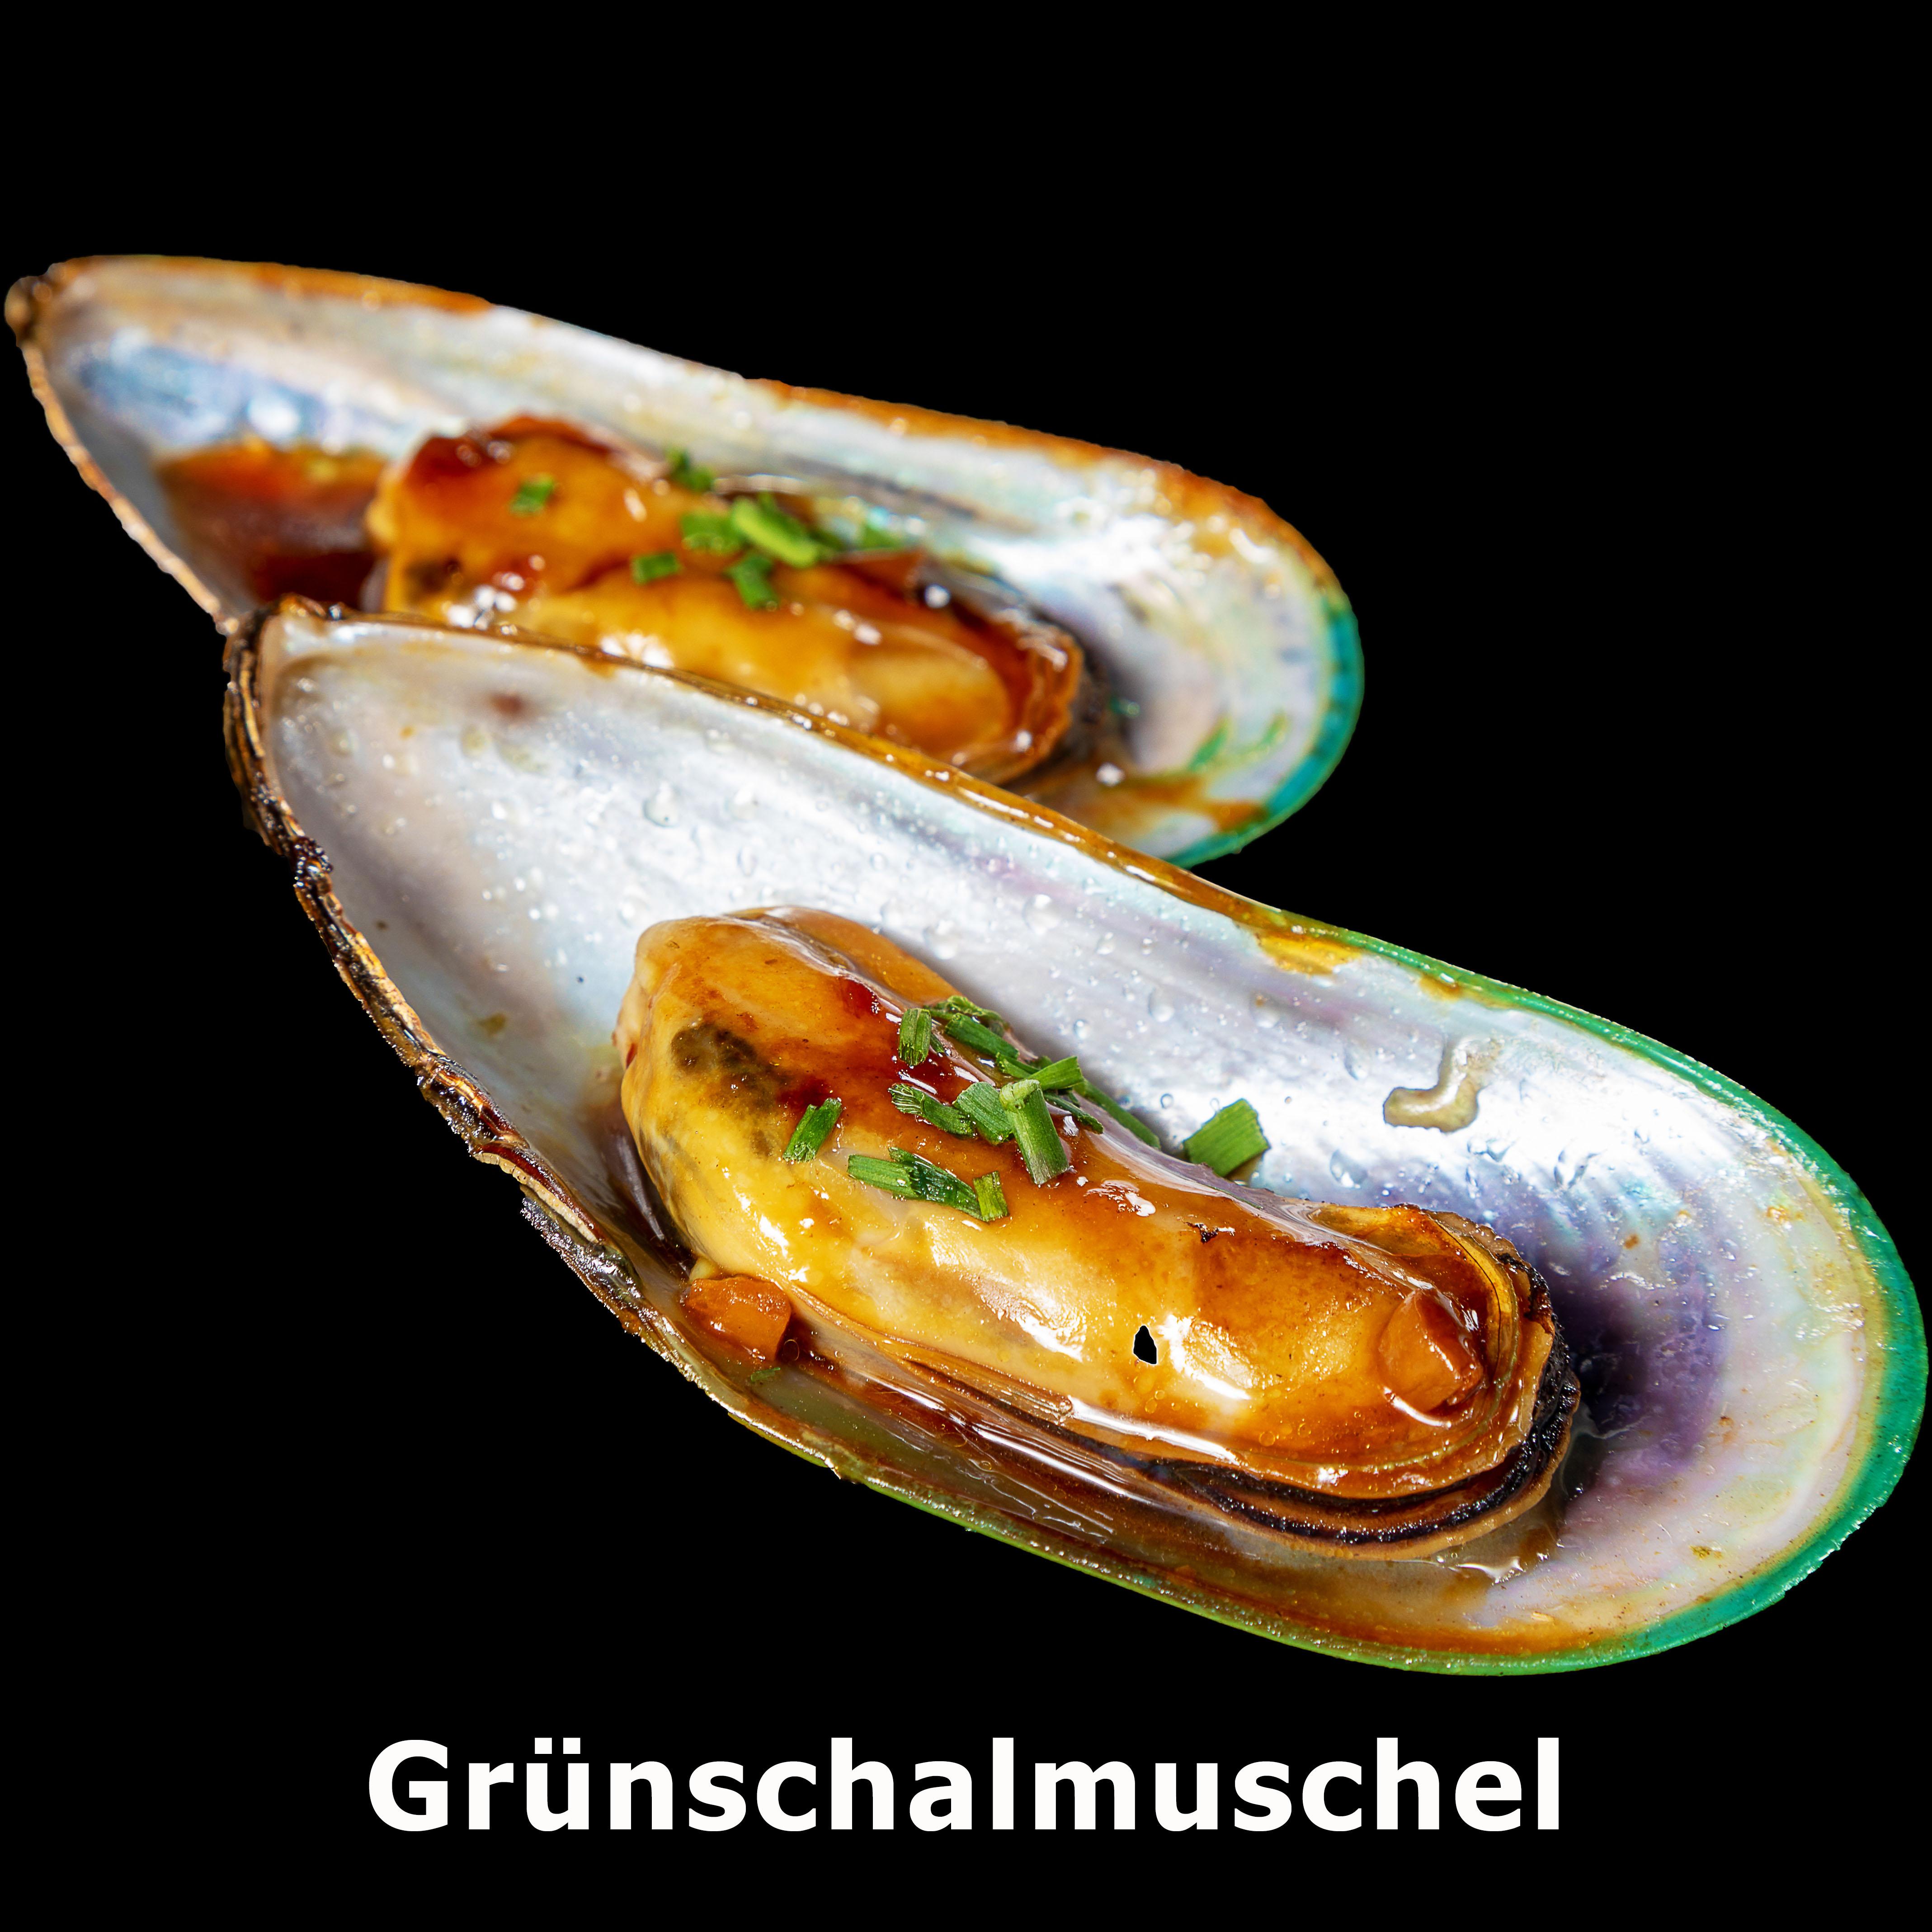 132. Grünschalmuschel